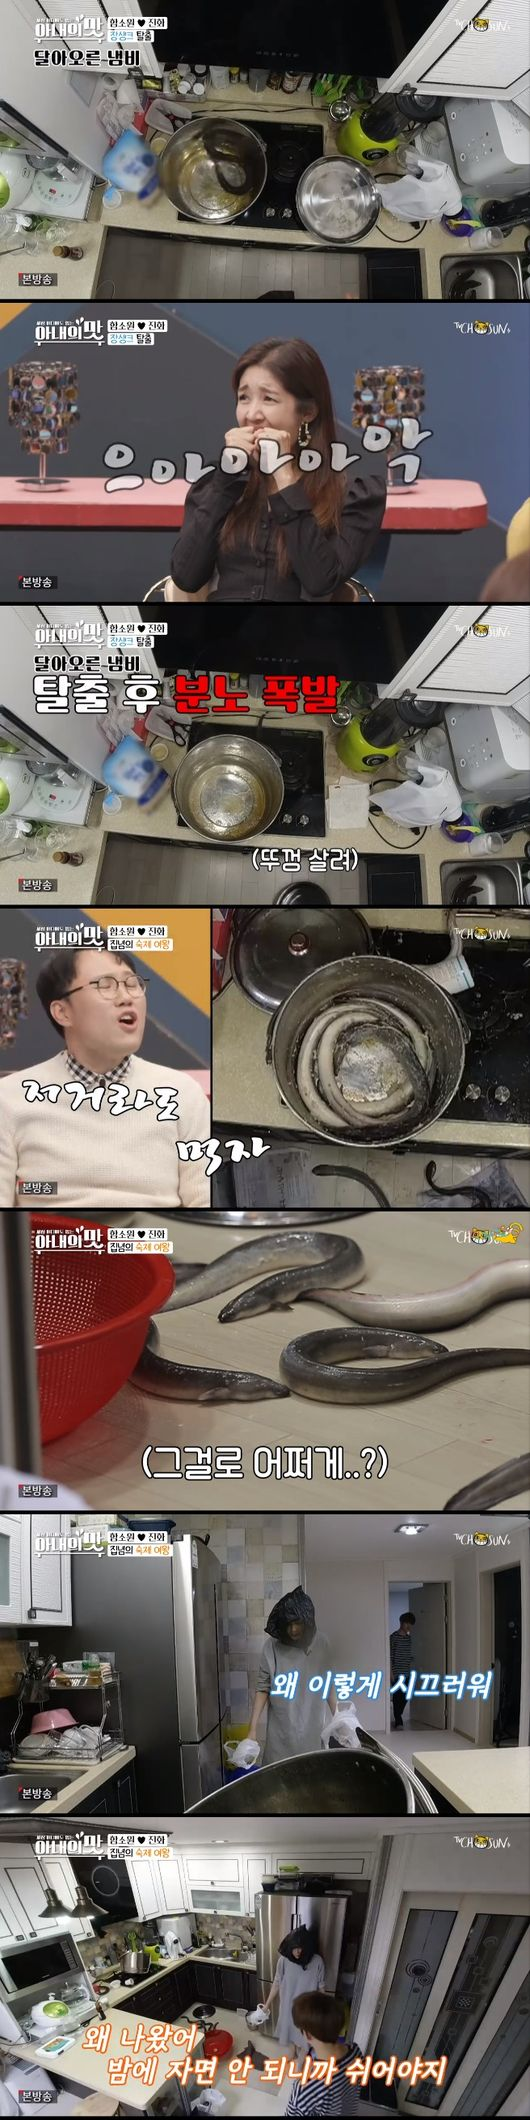 ''산후조리 제대로 되지 않아''..'아내의 맛' 함소원♥진화, 둘째 임신 위해 장어로 보양[어저께TV]